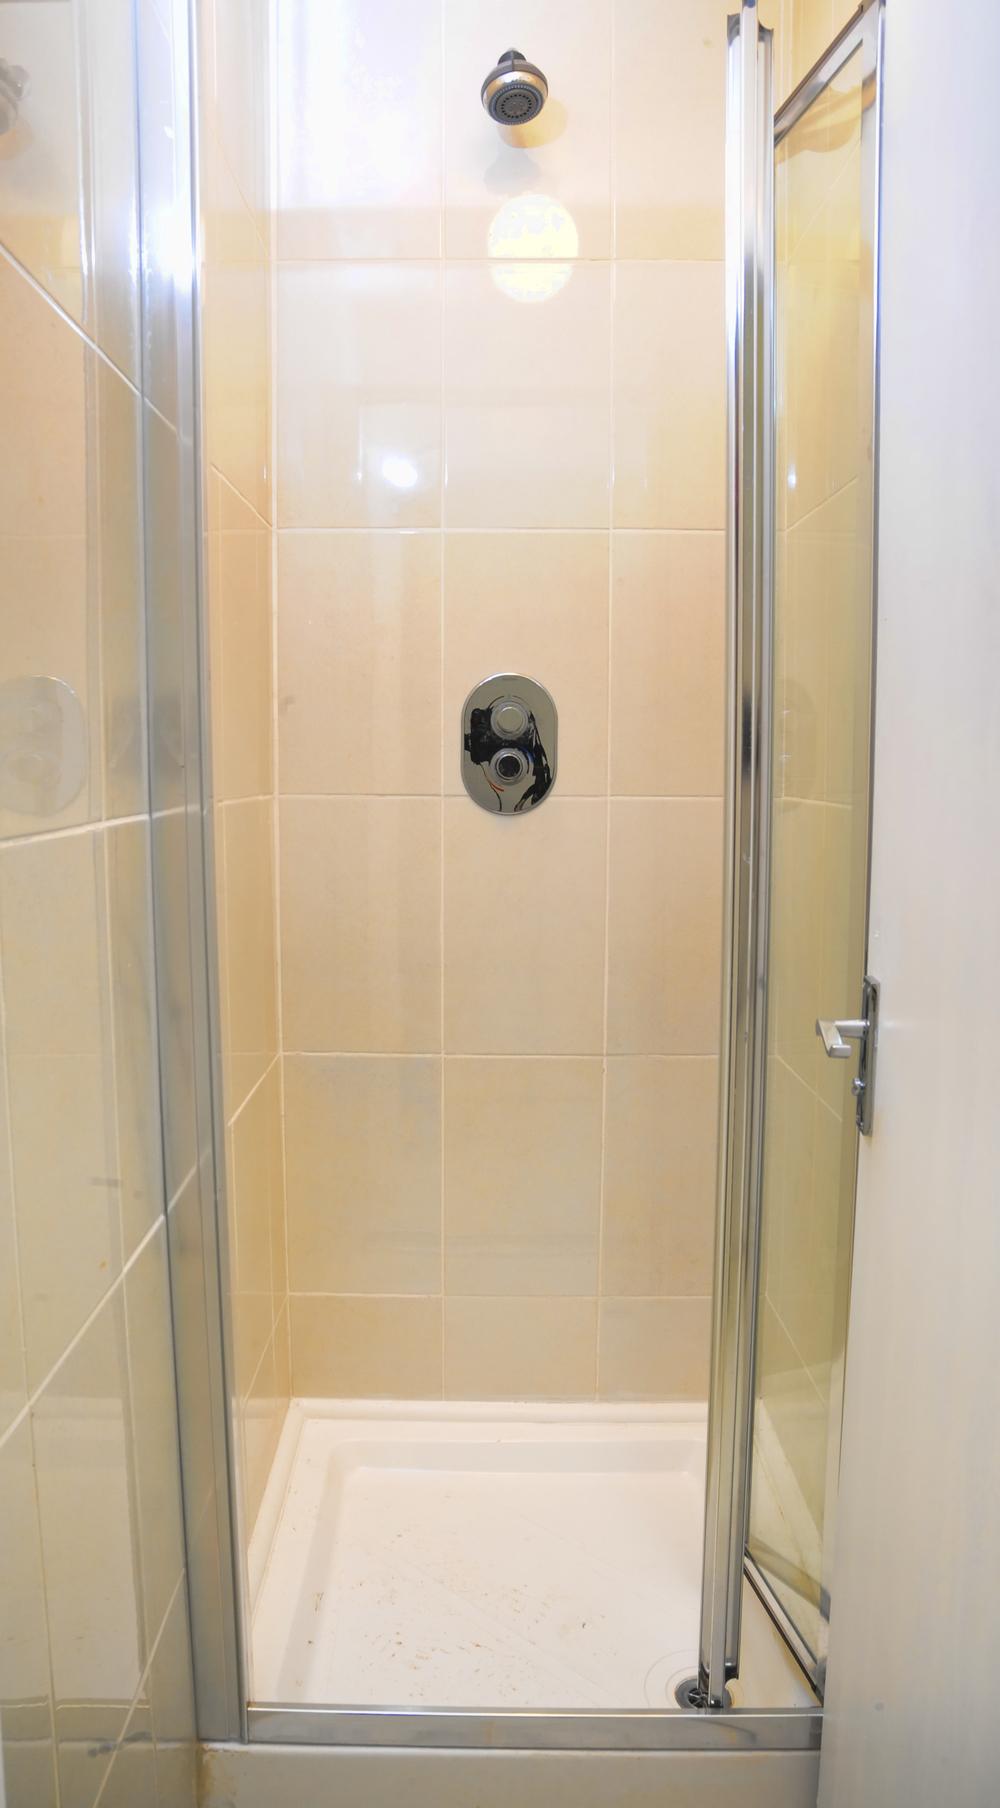 Le nostre docce hanno un ottimo regolatore della temperatura e un efficiente controllo del getto.